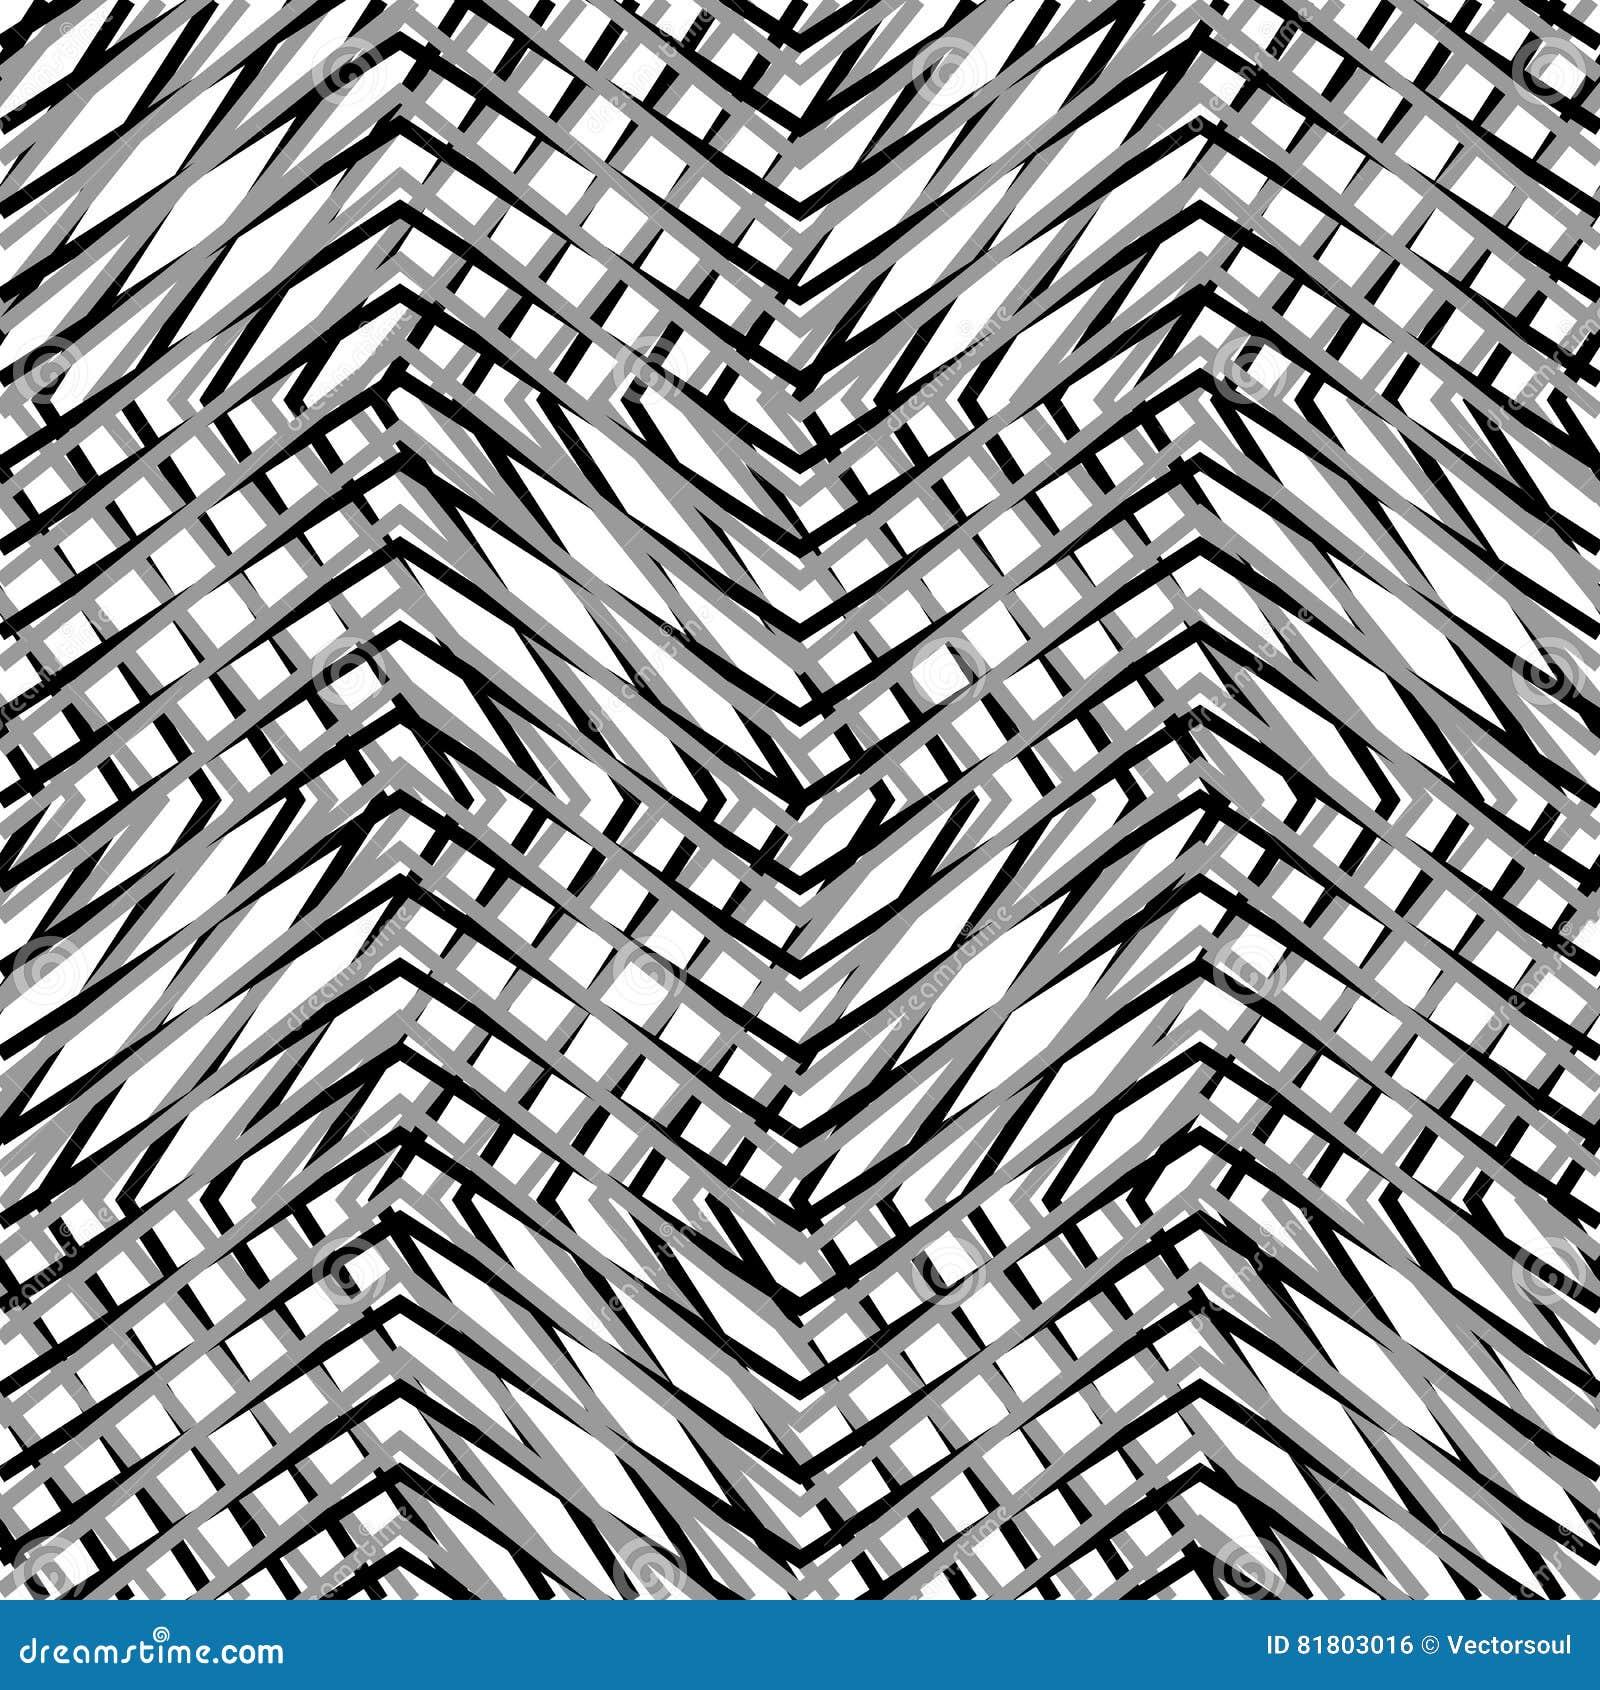 Siatka, siatka, zygzag, zirytowane linie Mozaika jak grill, drażniący półdupki